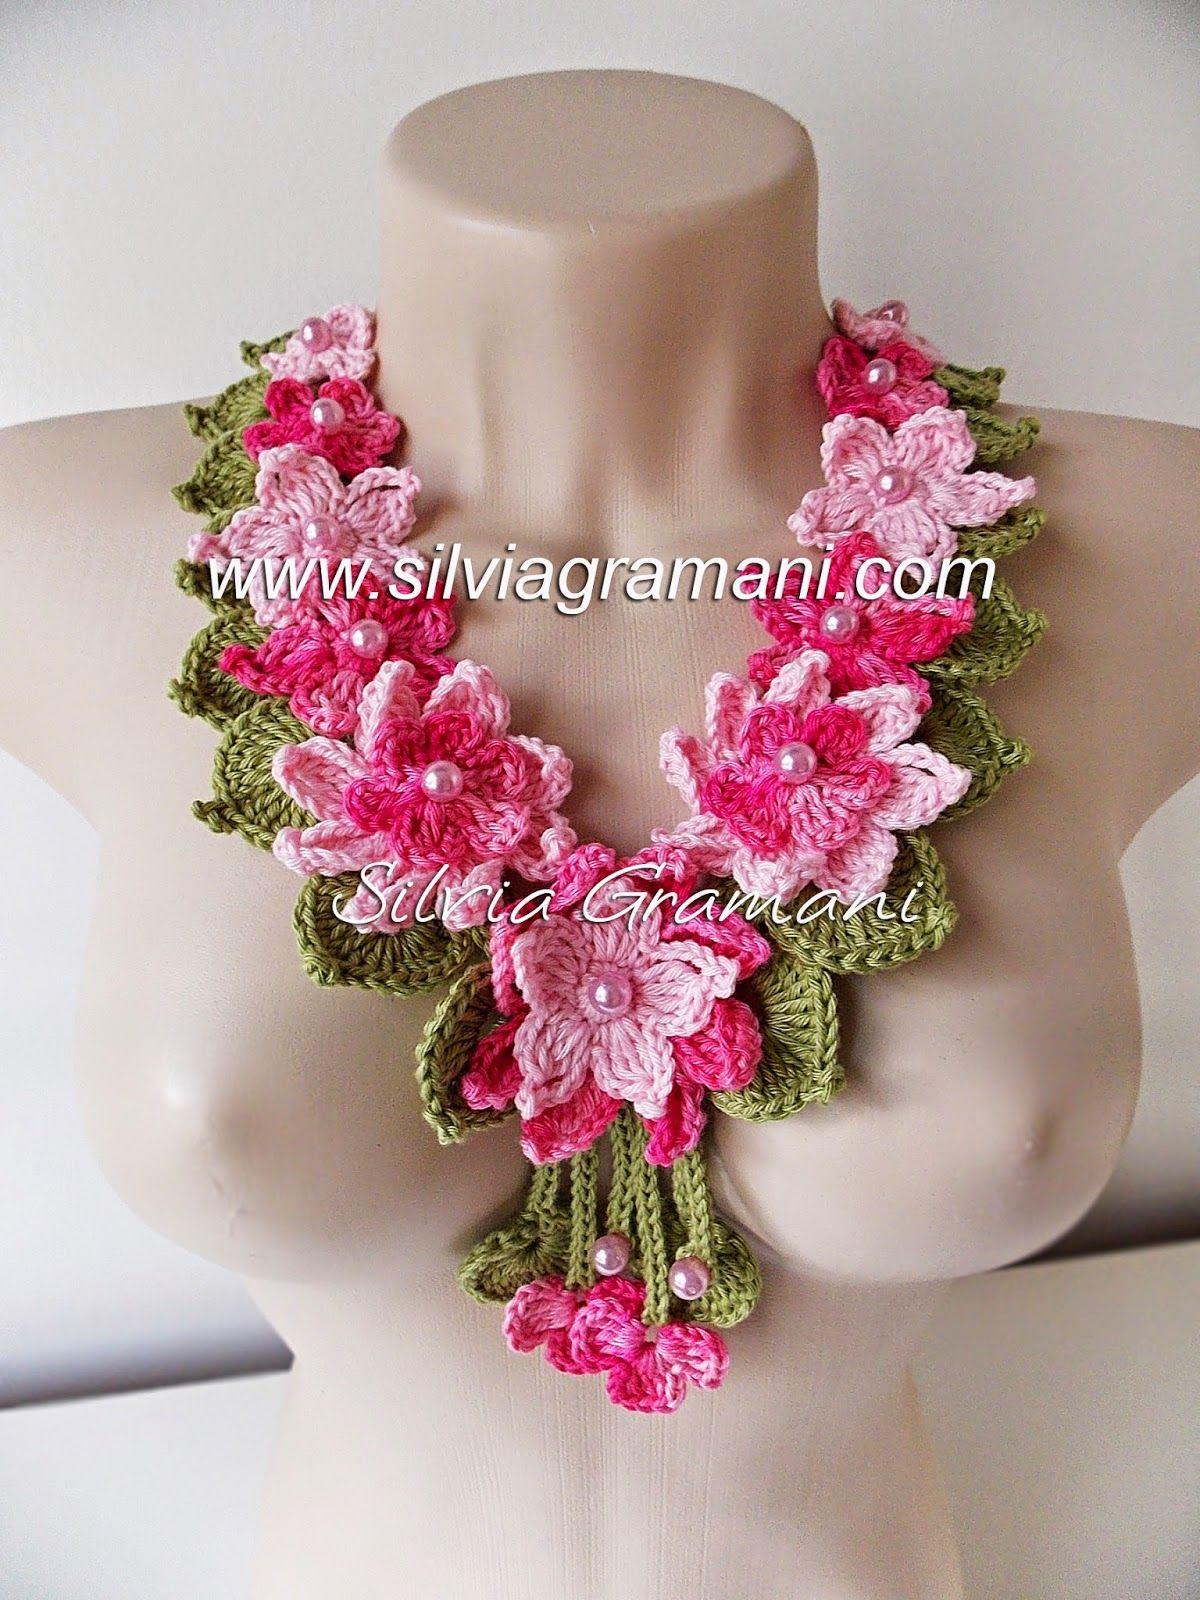 Colar de Crochê com Flores - Colar Encanto